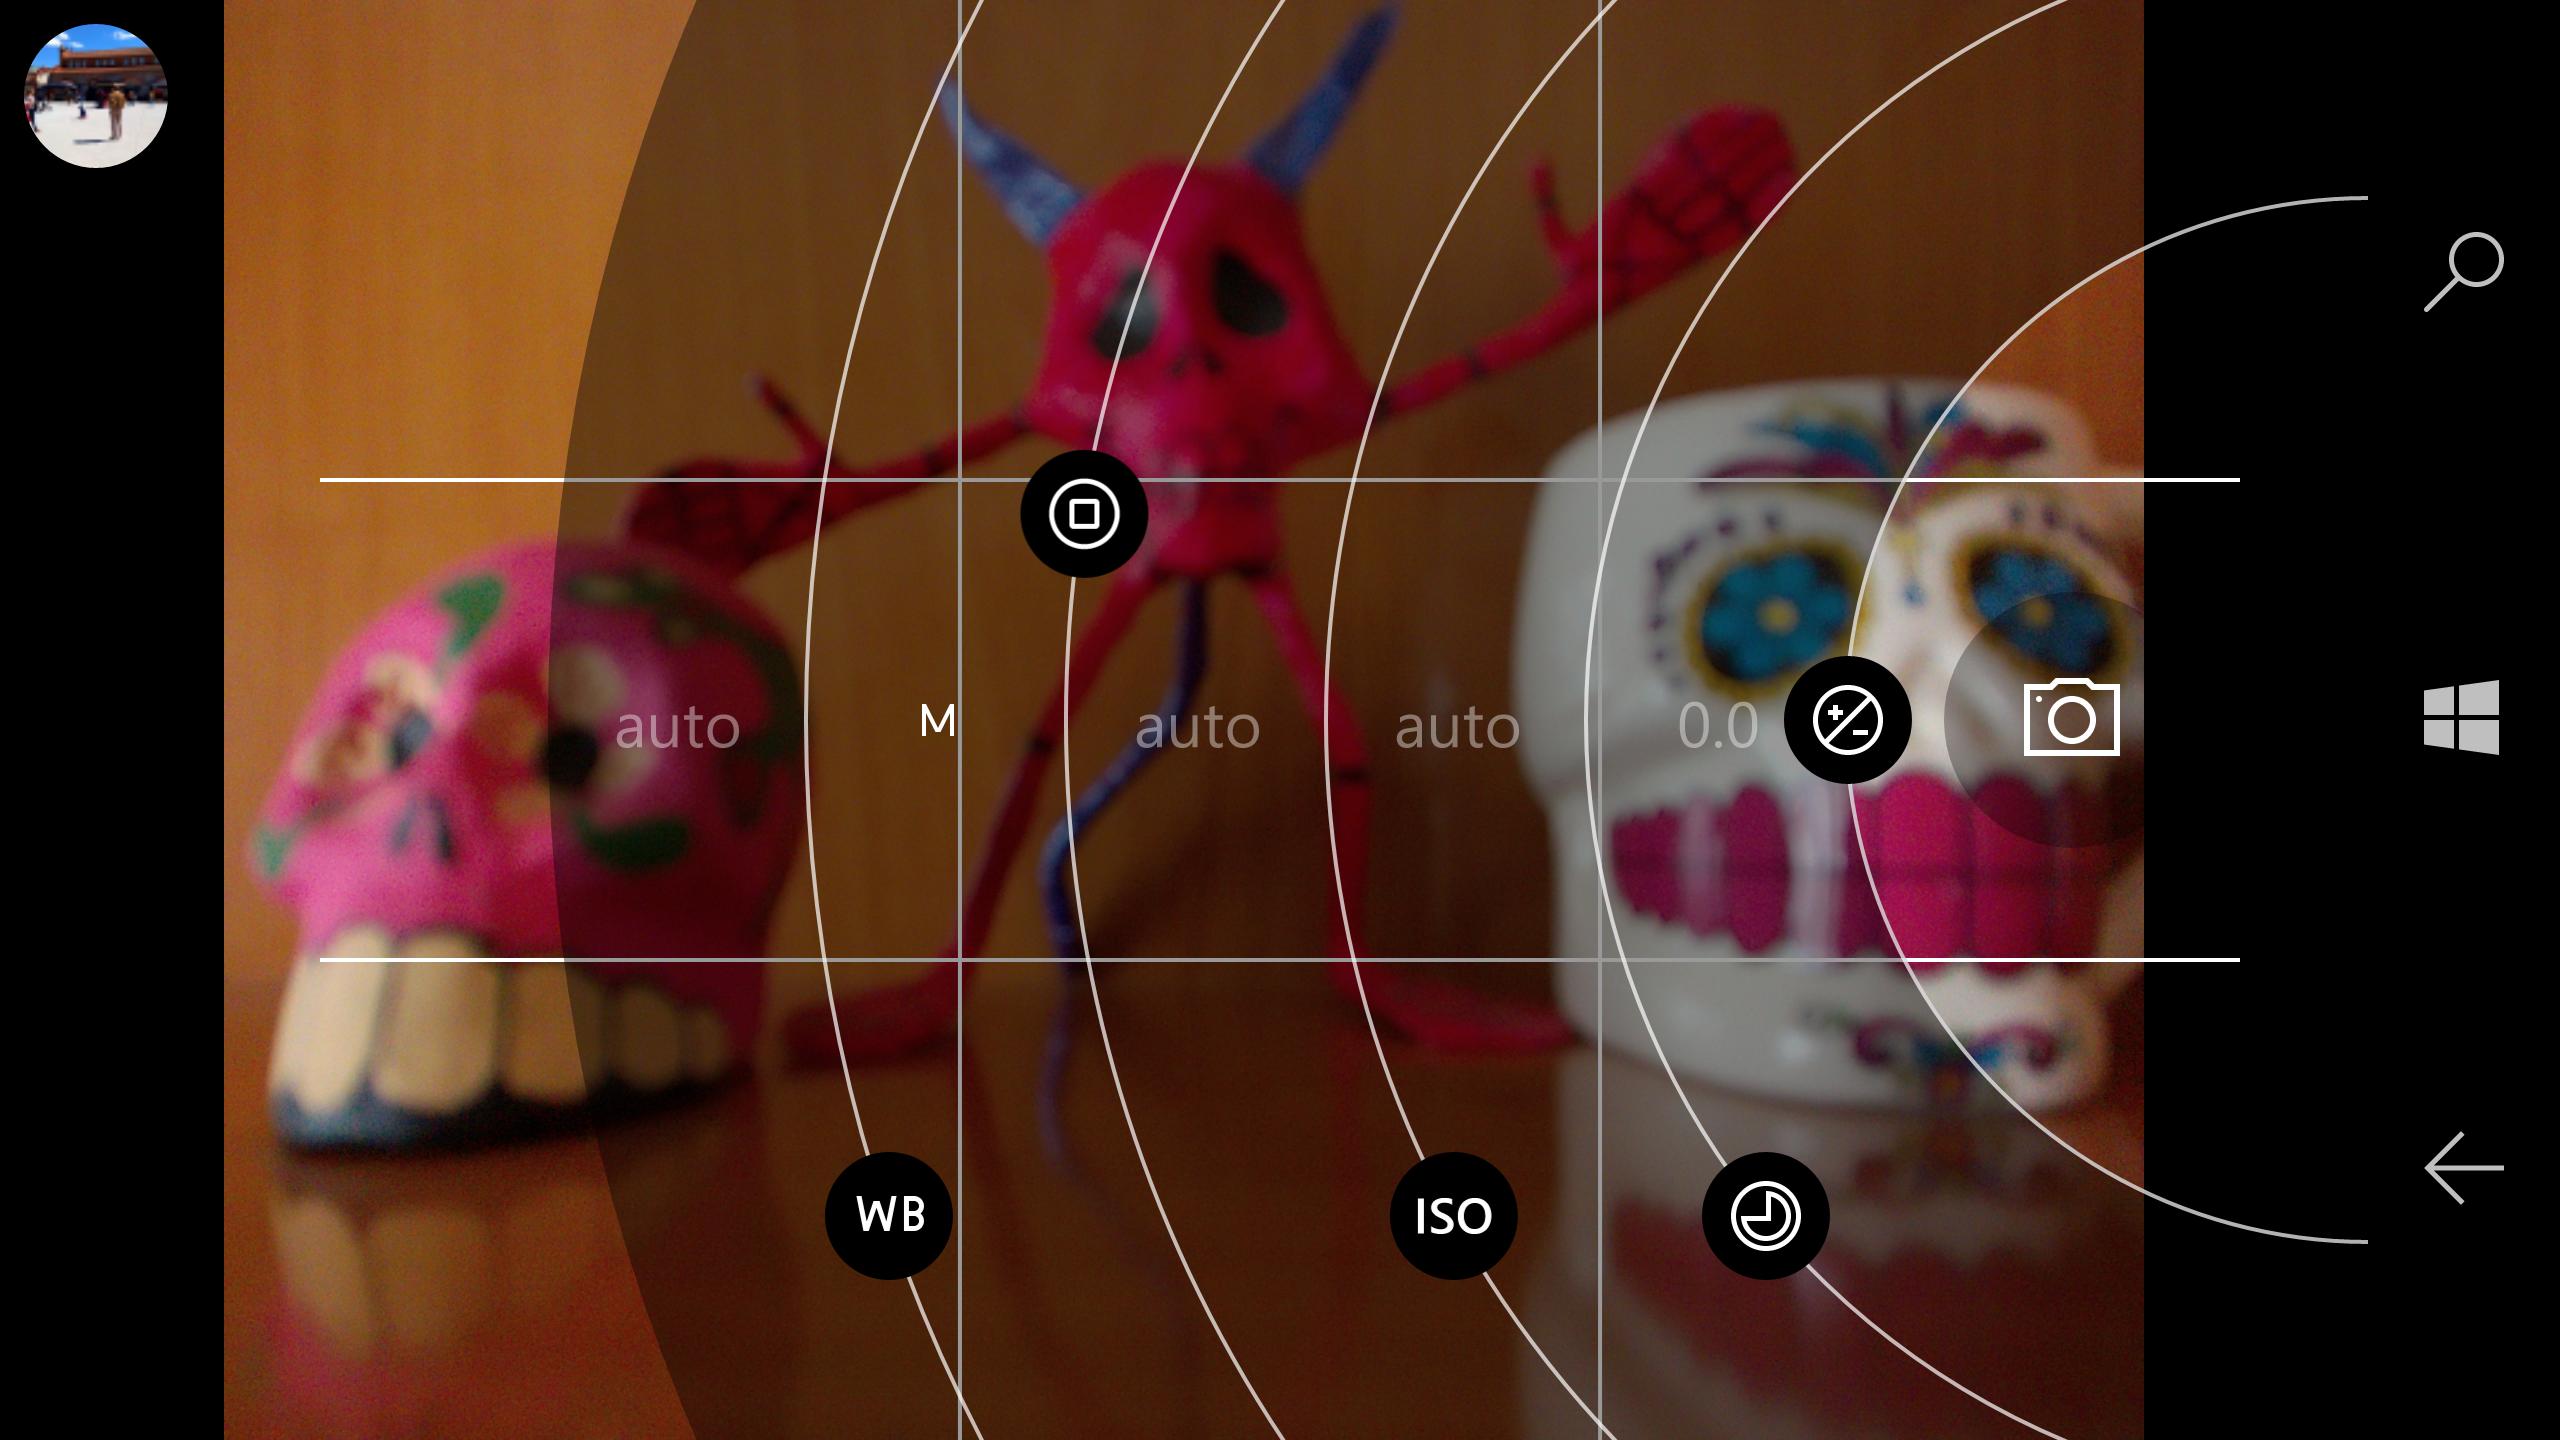 Camera settings. Screenshot.